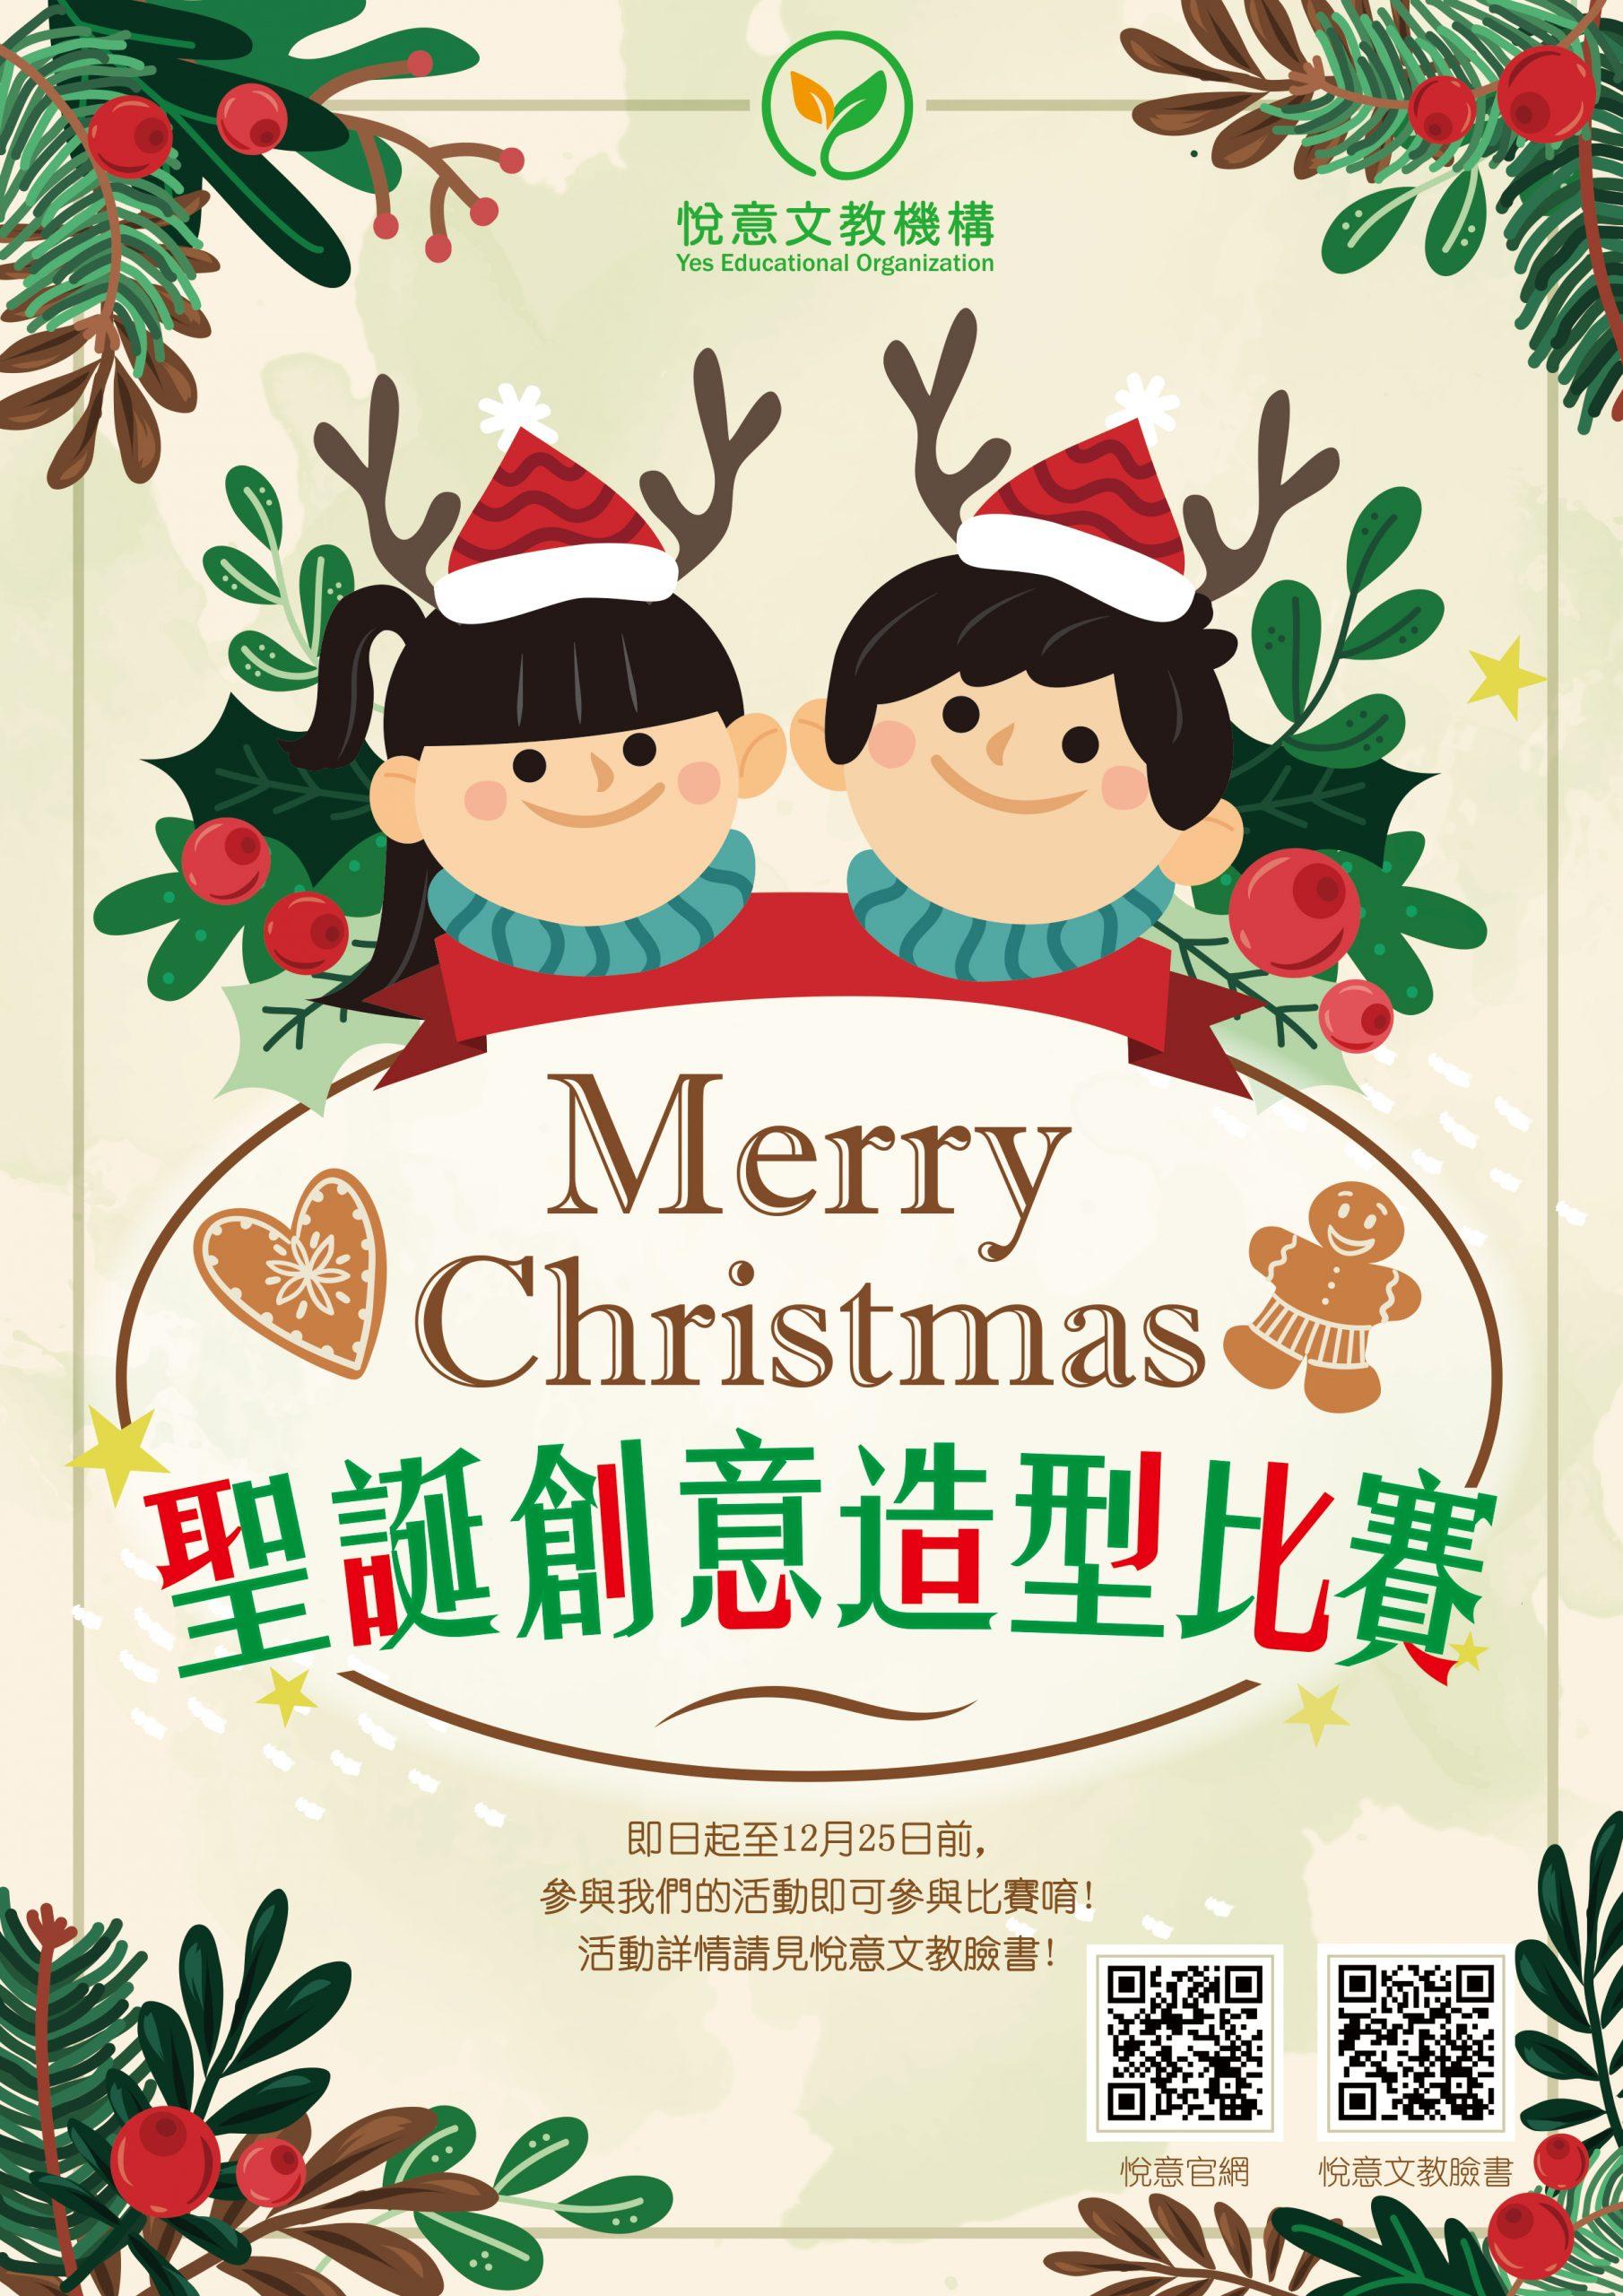 「聖誕創意造型比賽」 即日起至12月25日前,參與我們的活動,即可參加比賽唷。